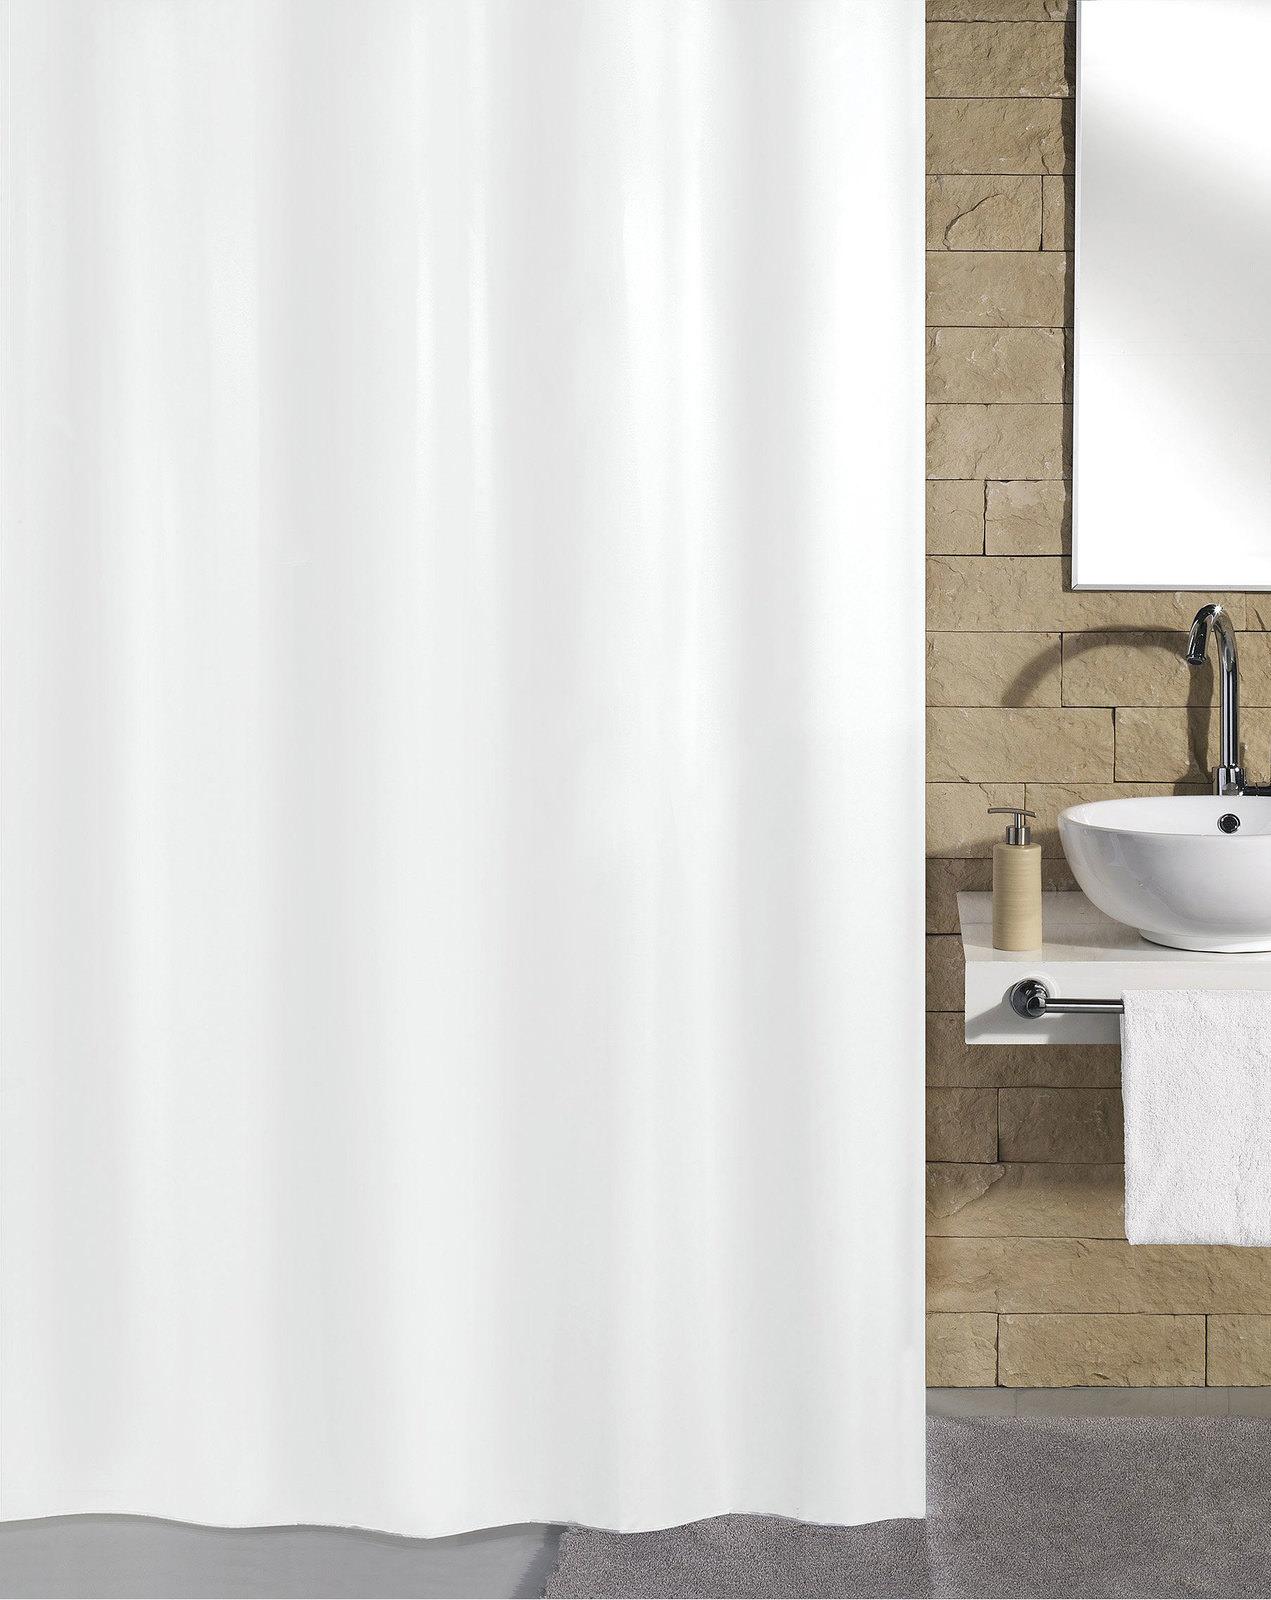 kleine wolke textil duschvorhang online entdecken. Black Bedroom Furniture Sets. Home Design Ideas